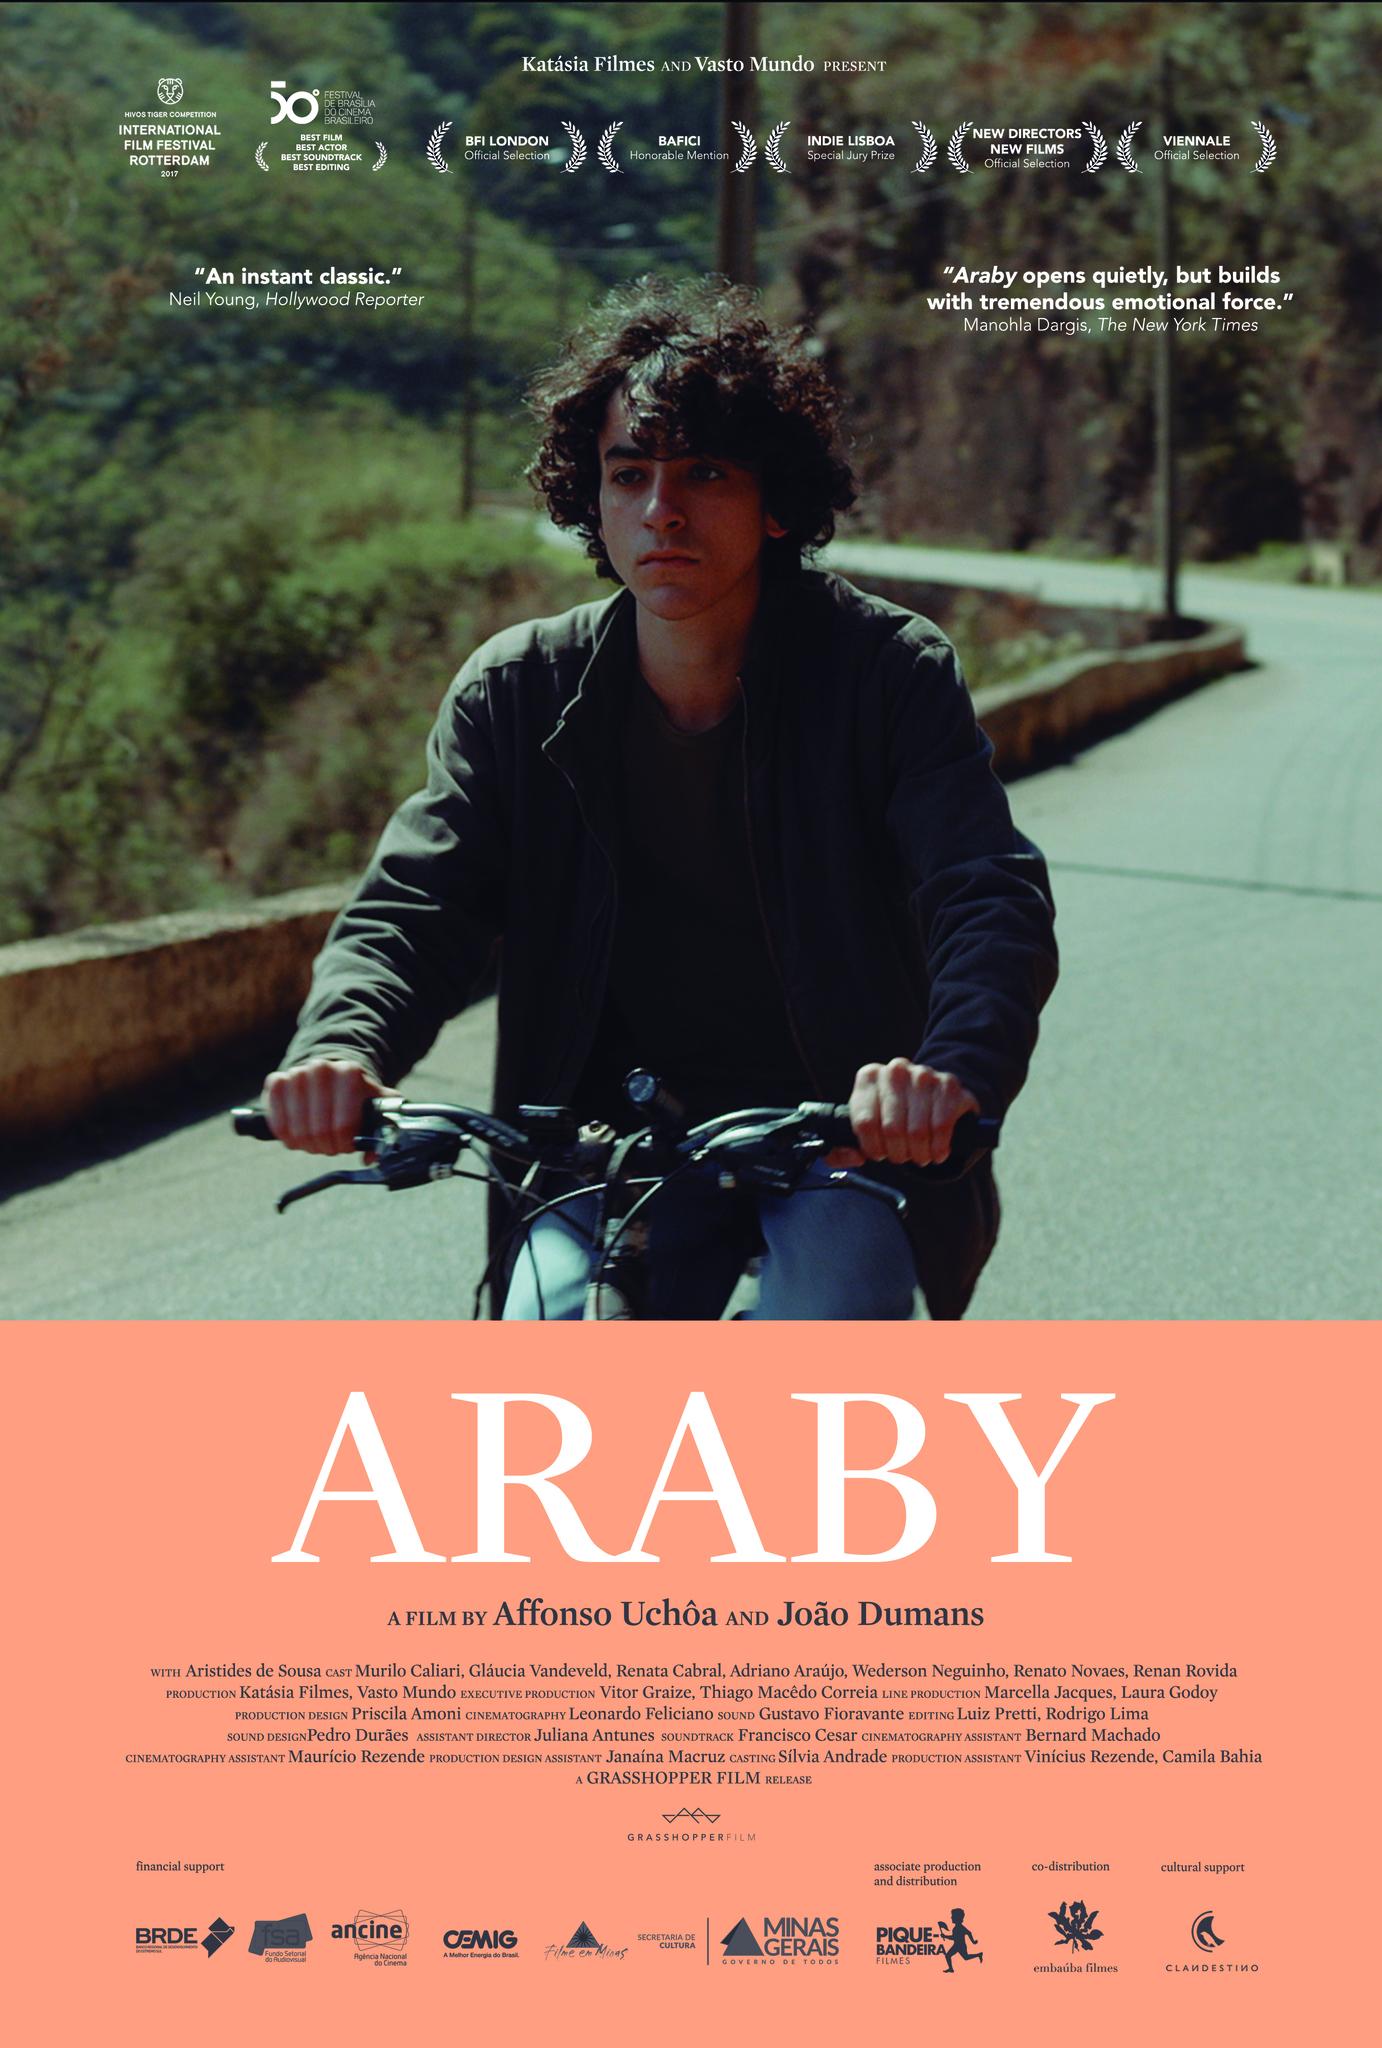 araby story summary